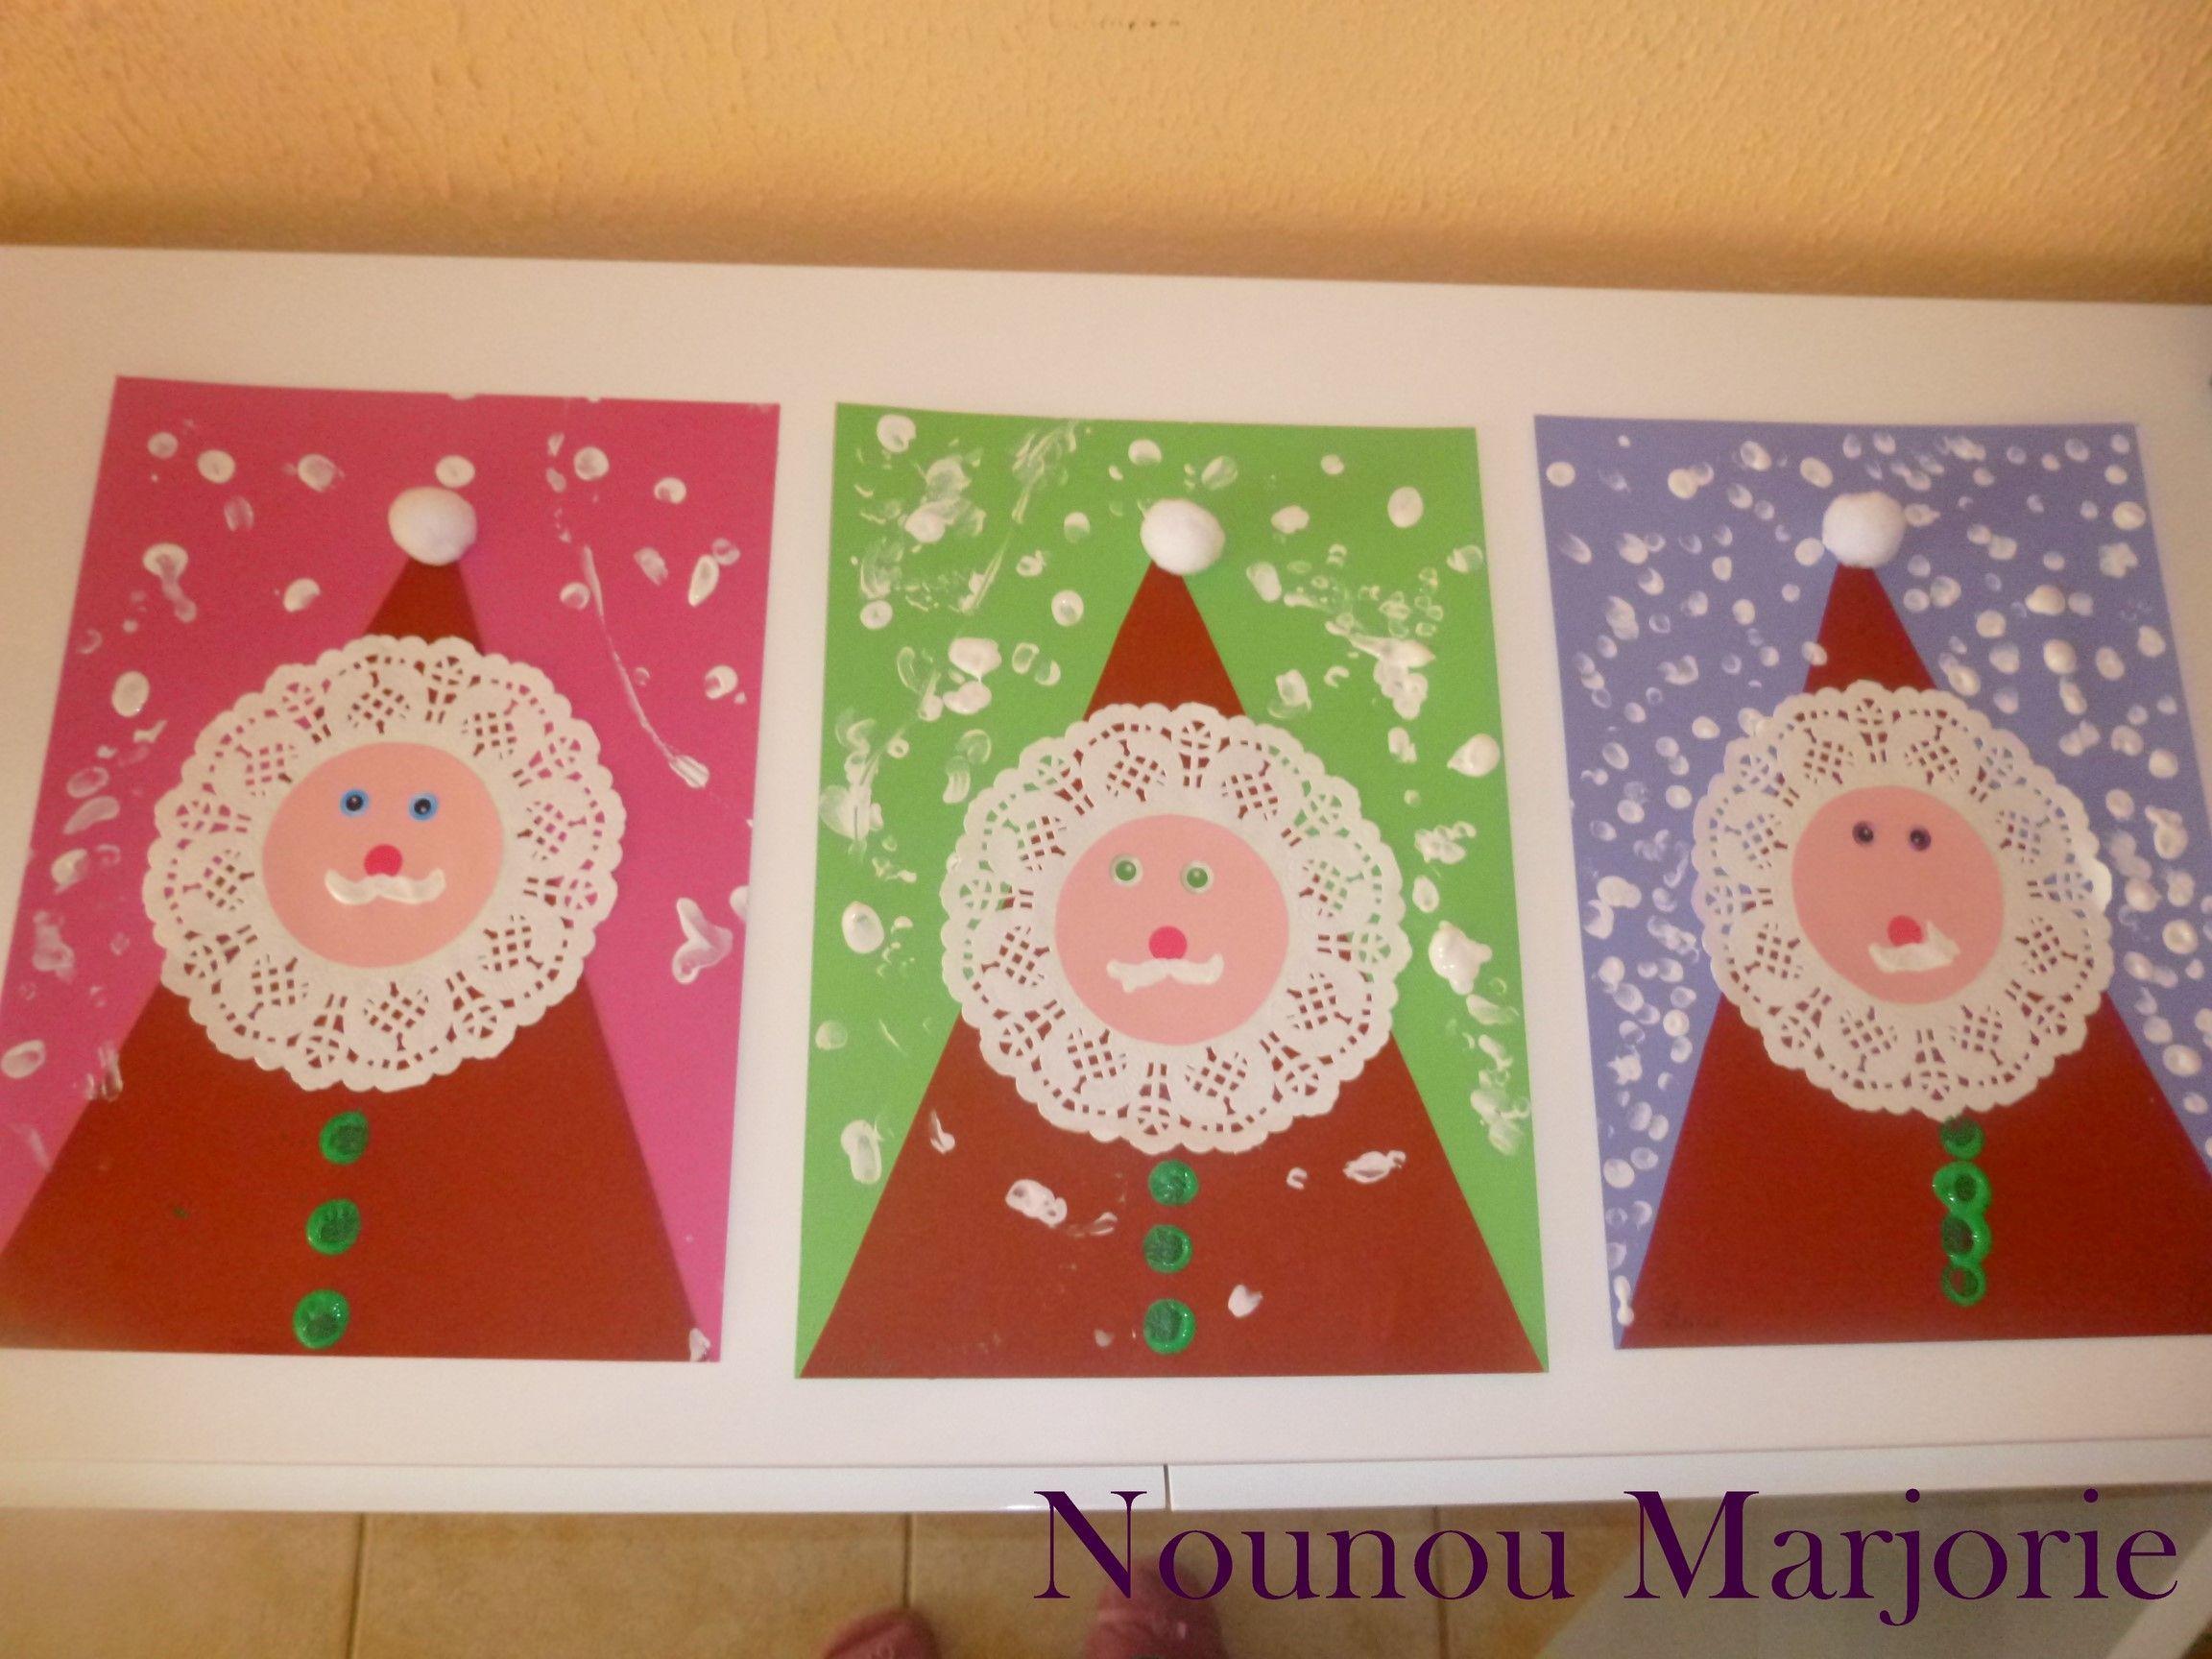 #8E3019 Père Noël Avec Des Napperons 5763 idées décoration noel maternelle 2304x1728 px @ aertt.com